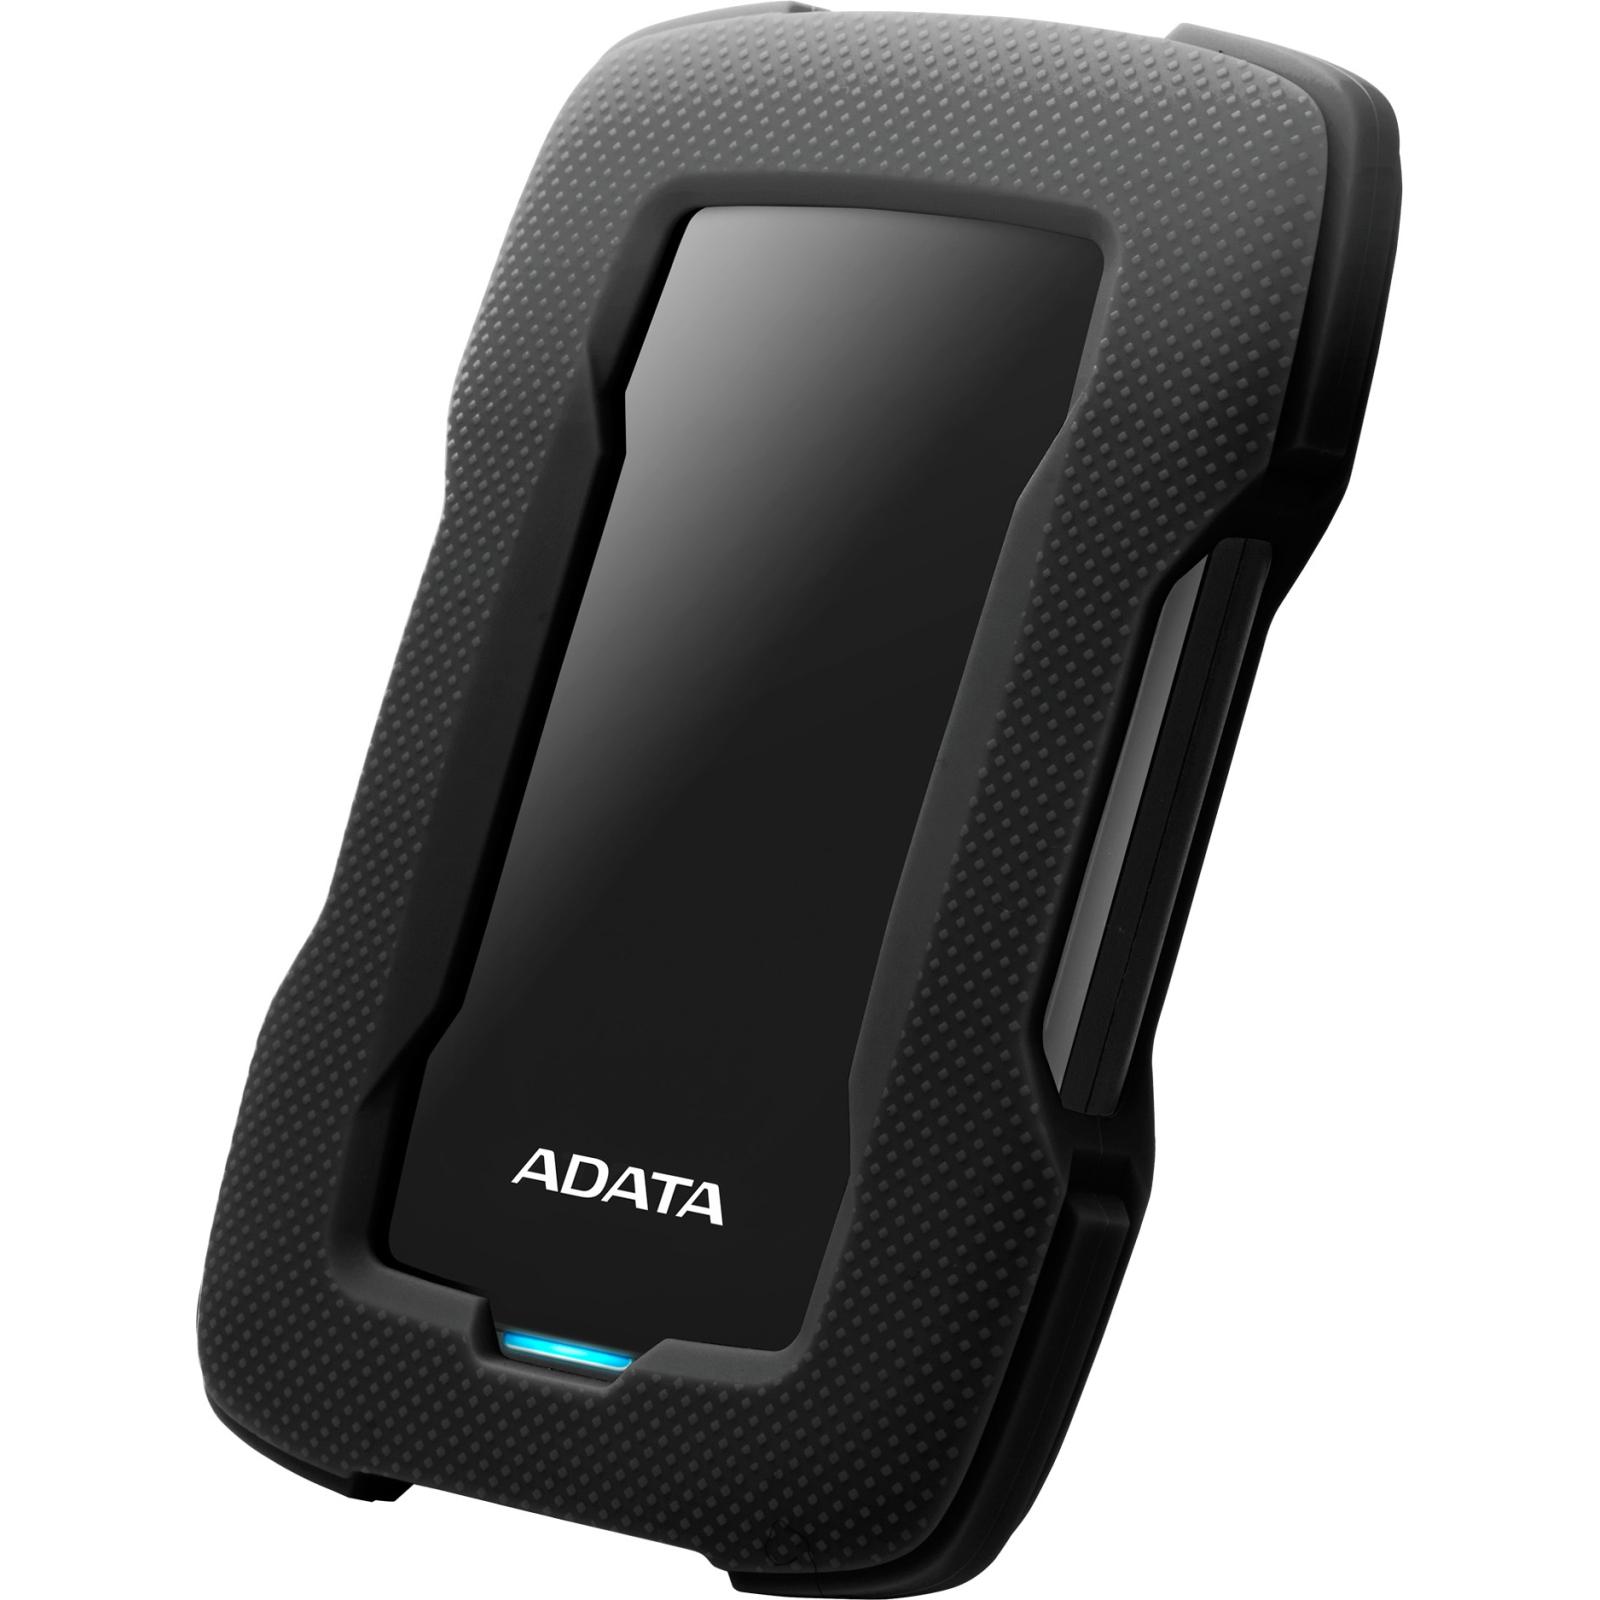 """Внешний жесткий диск 2.5"""" 1TB ADATA (AHD330-1TU31-CBL) изображение 2"""